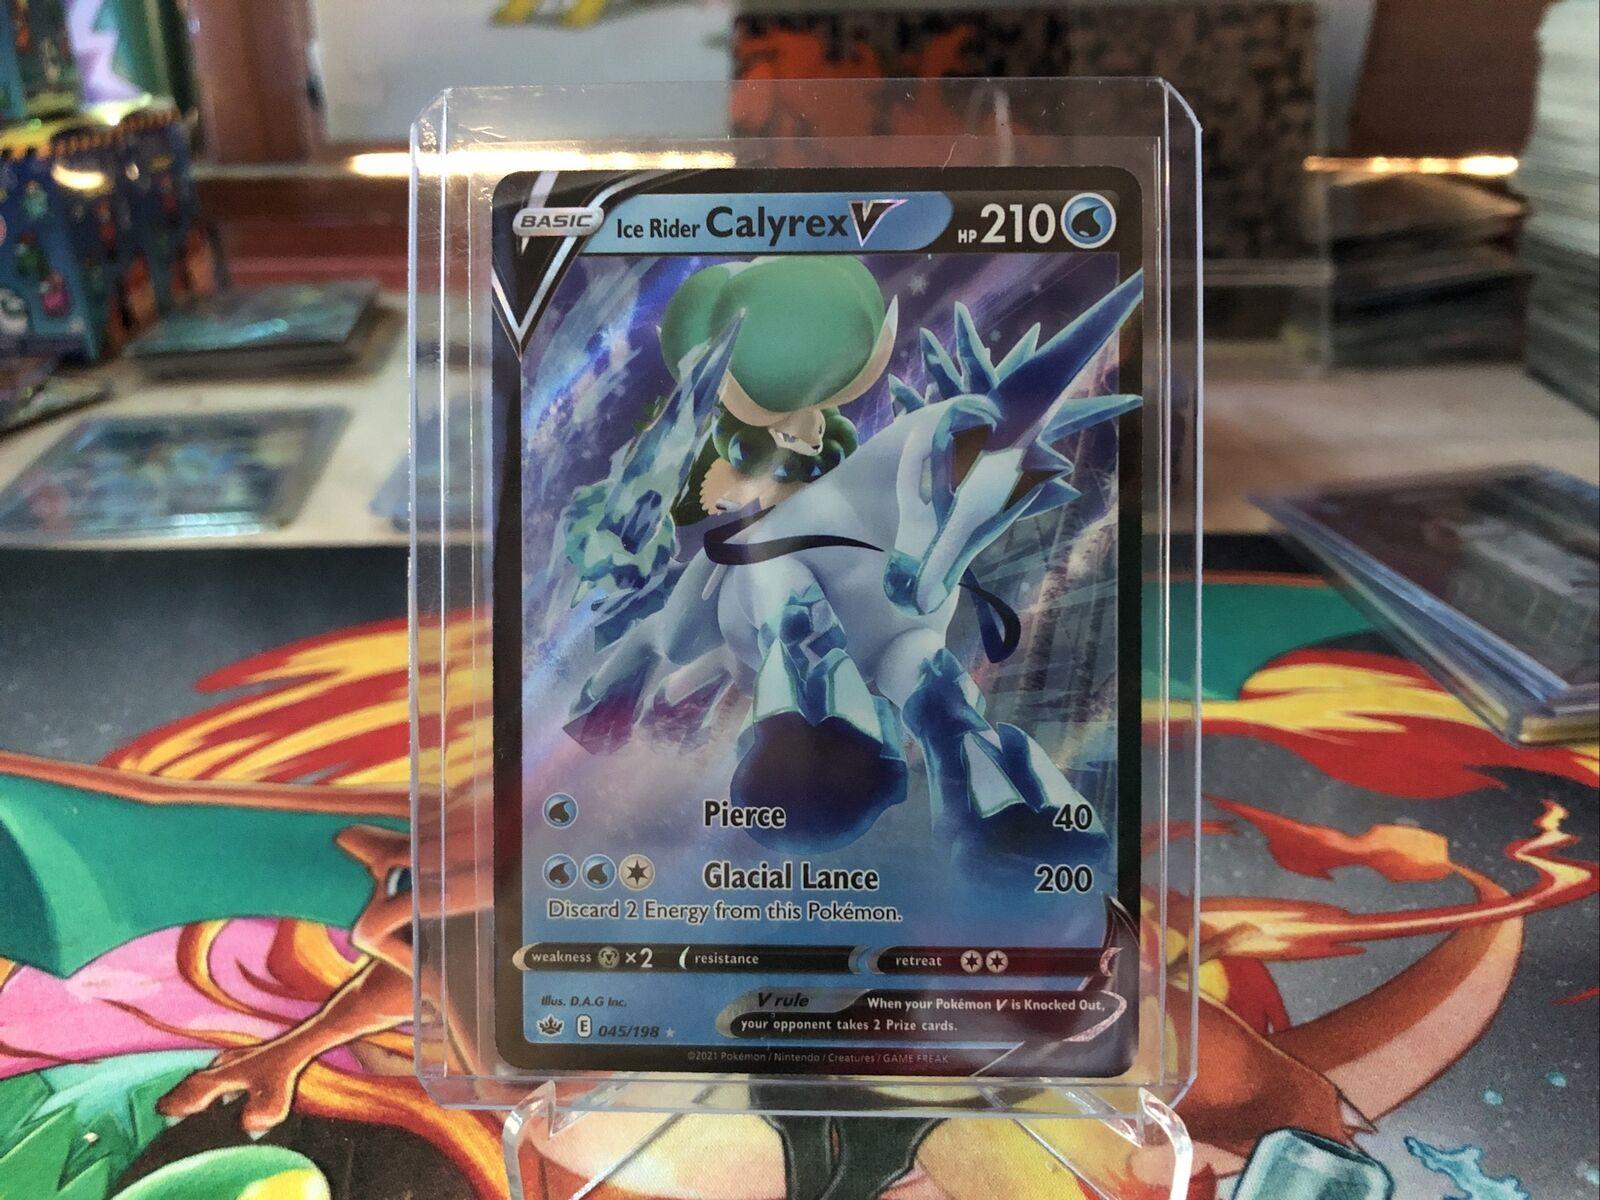 Ice Rider Calyrex V 163/198 Full Art Chilling Reign Pokemon Card Holo Rare Mint